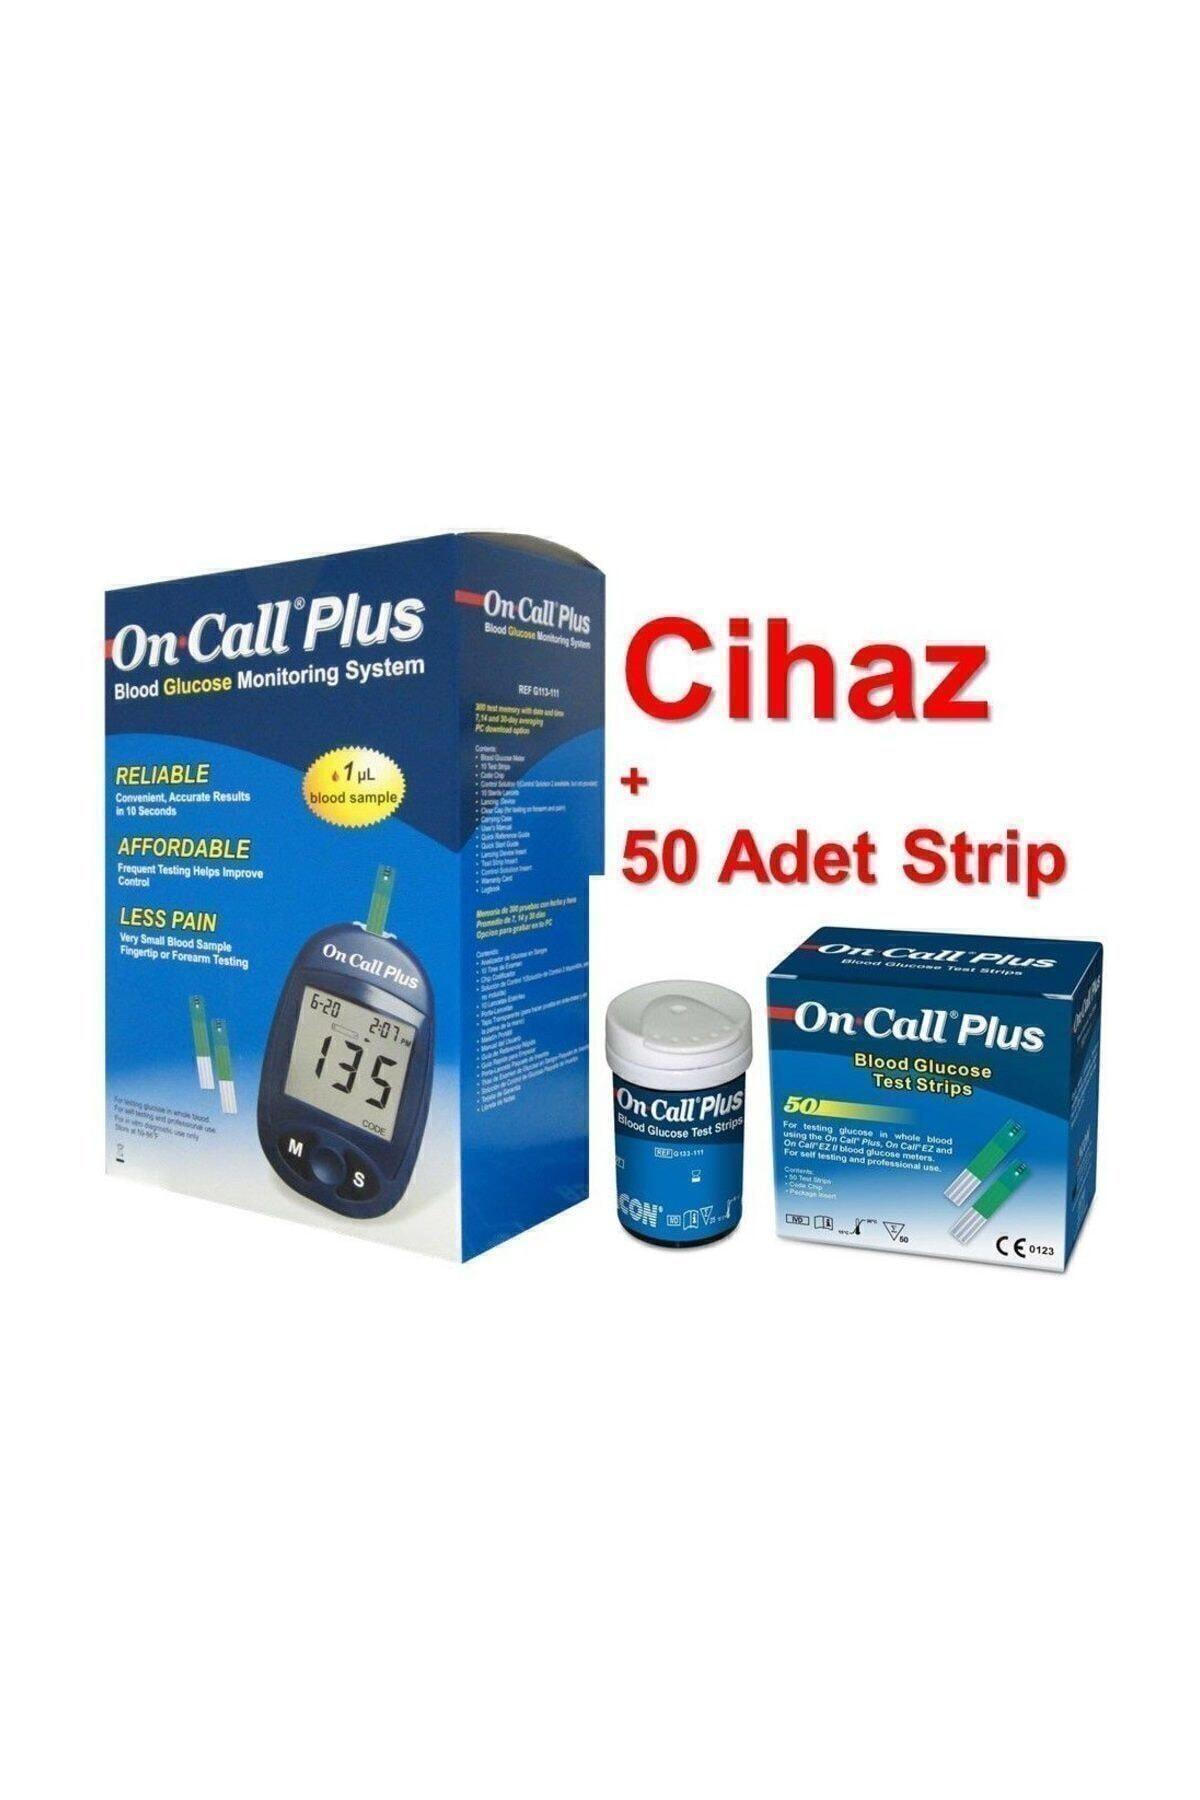 Care Plus On Call Plus Seker Ölçüm Cihazı +50 Strip Şeker Ölçüm Aleti